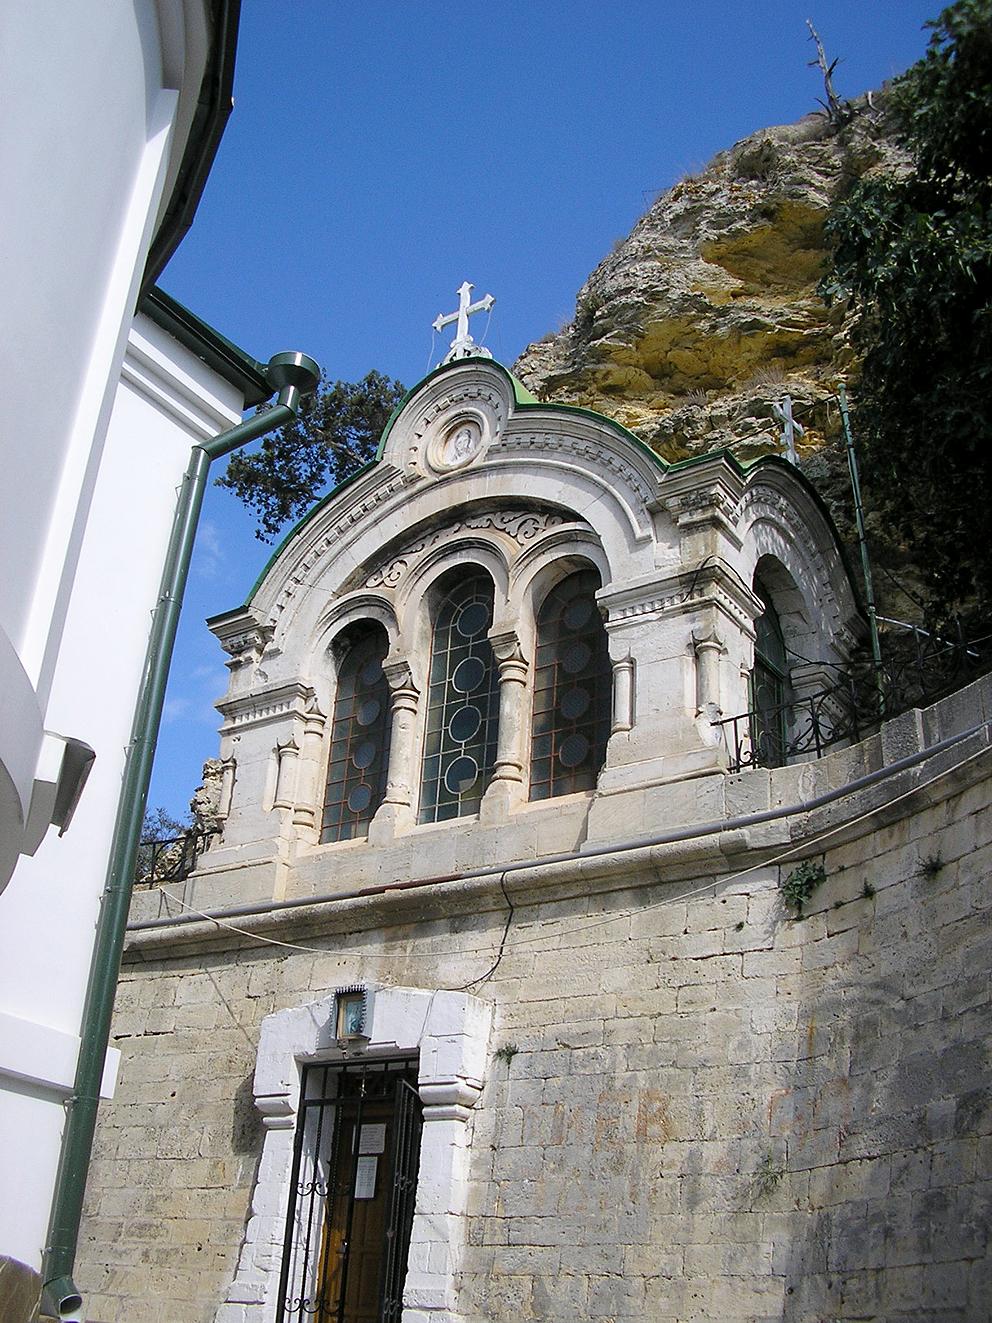 Балаклавский Свято-Георгиевский монастырь, пещерный храм Рождества Христова